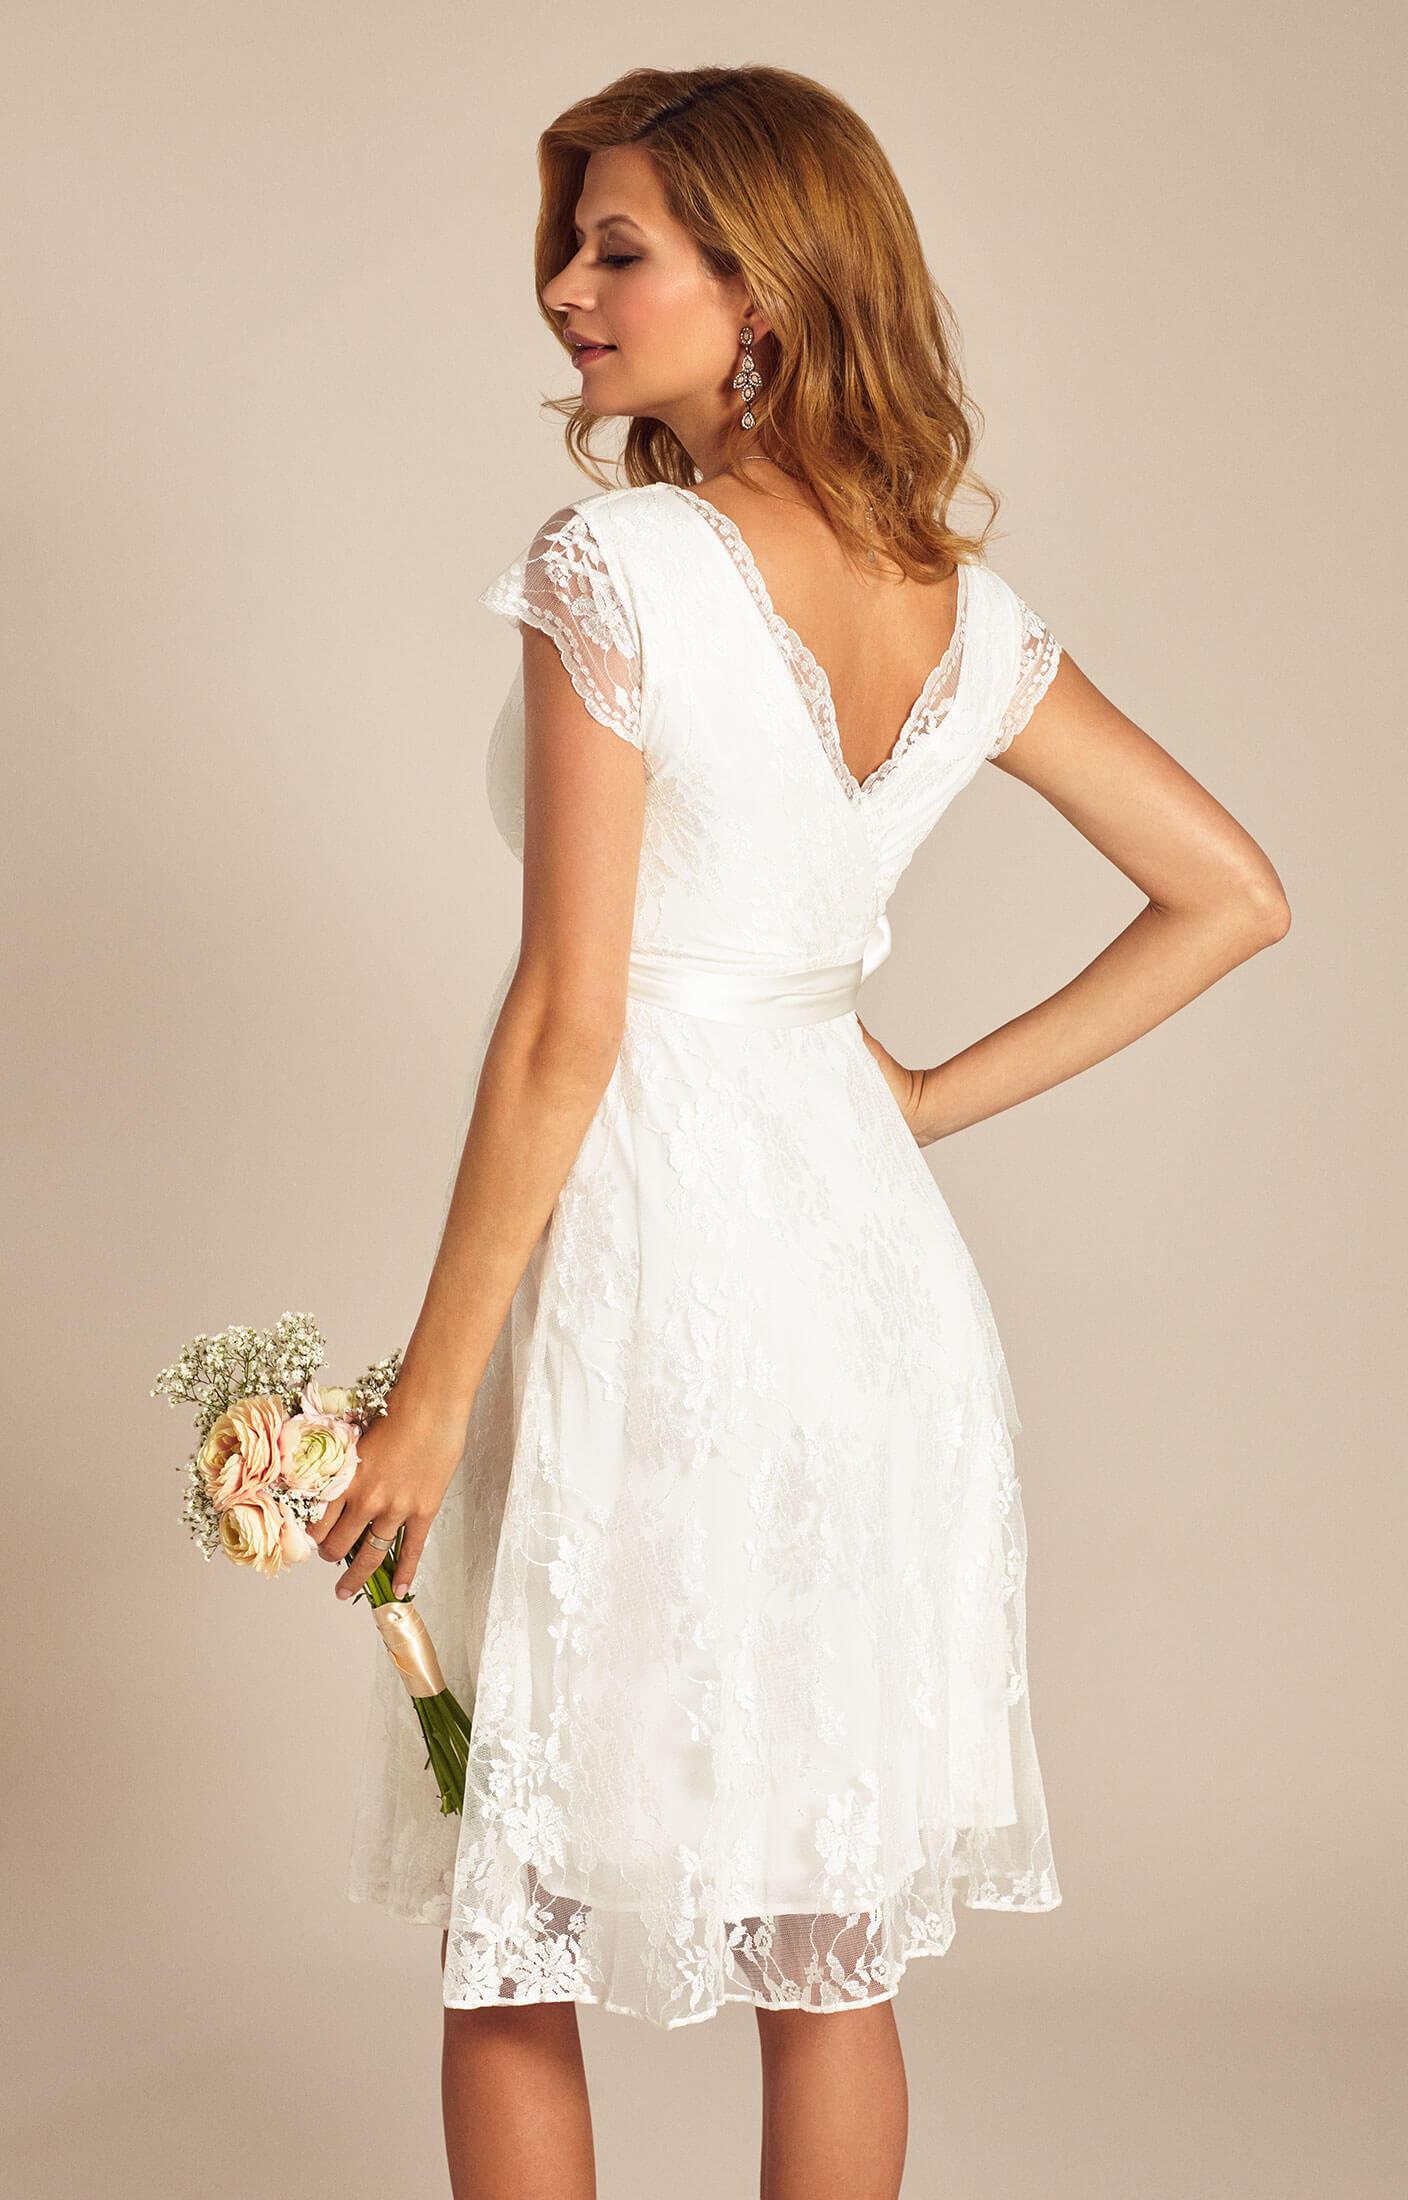 Elegant Abendkleid Kurz Ärmel13 Perfekt Abendkleid Kurz Boutique